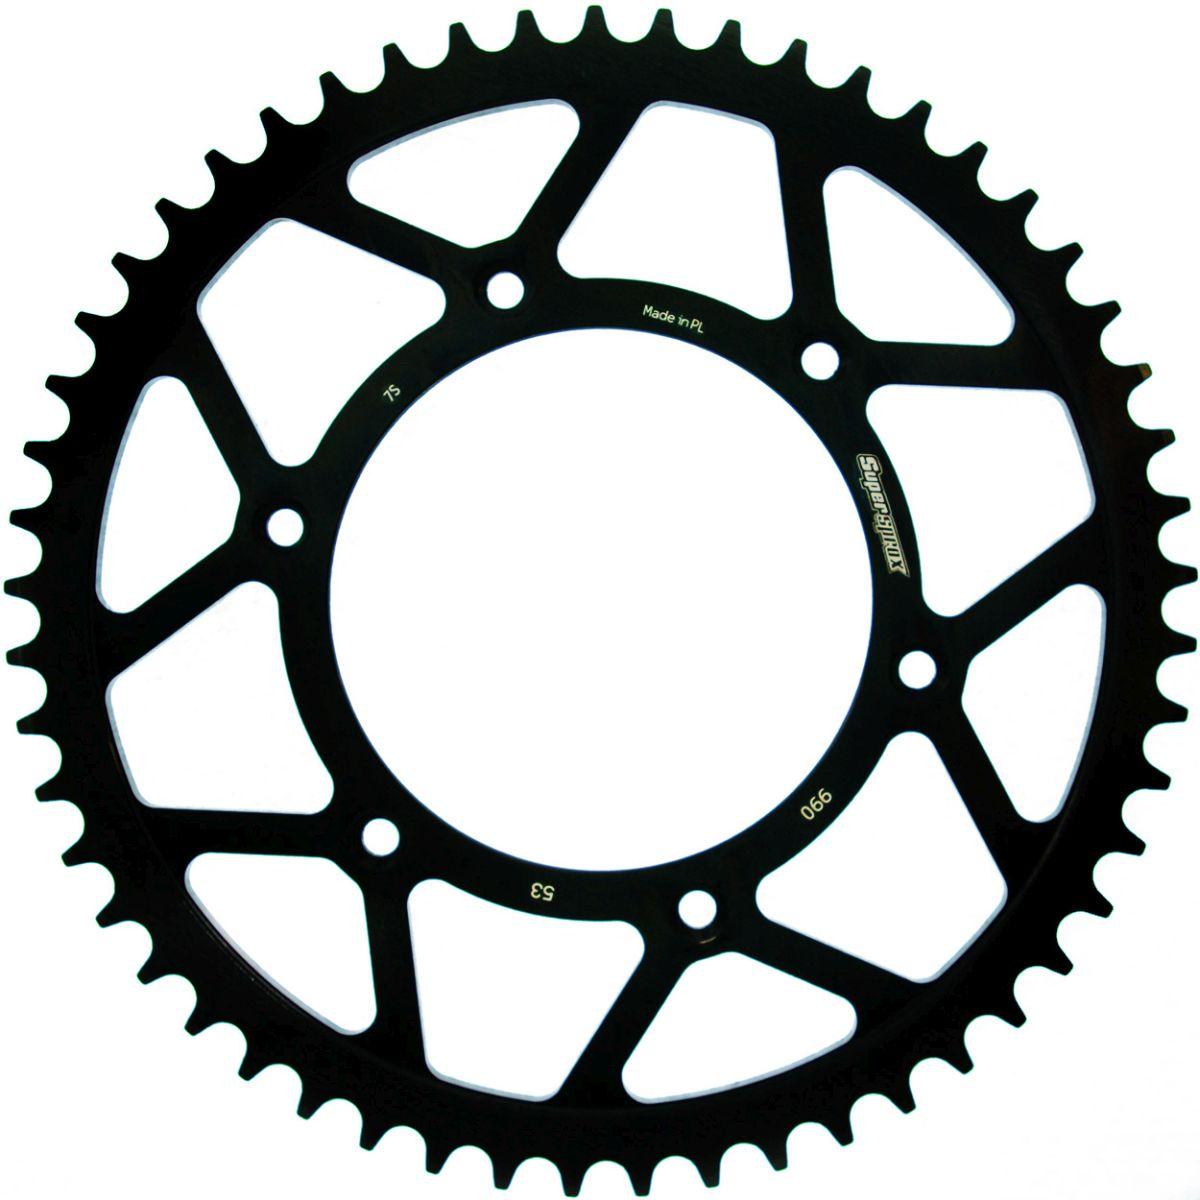 Supersprox Motorcycle Black 520 Rear Steel Sprocket 48T RFE-990-48-BLK